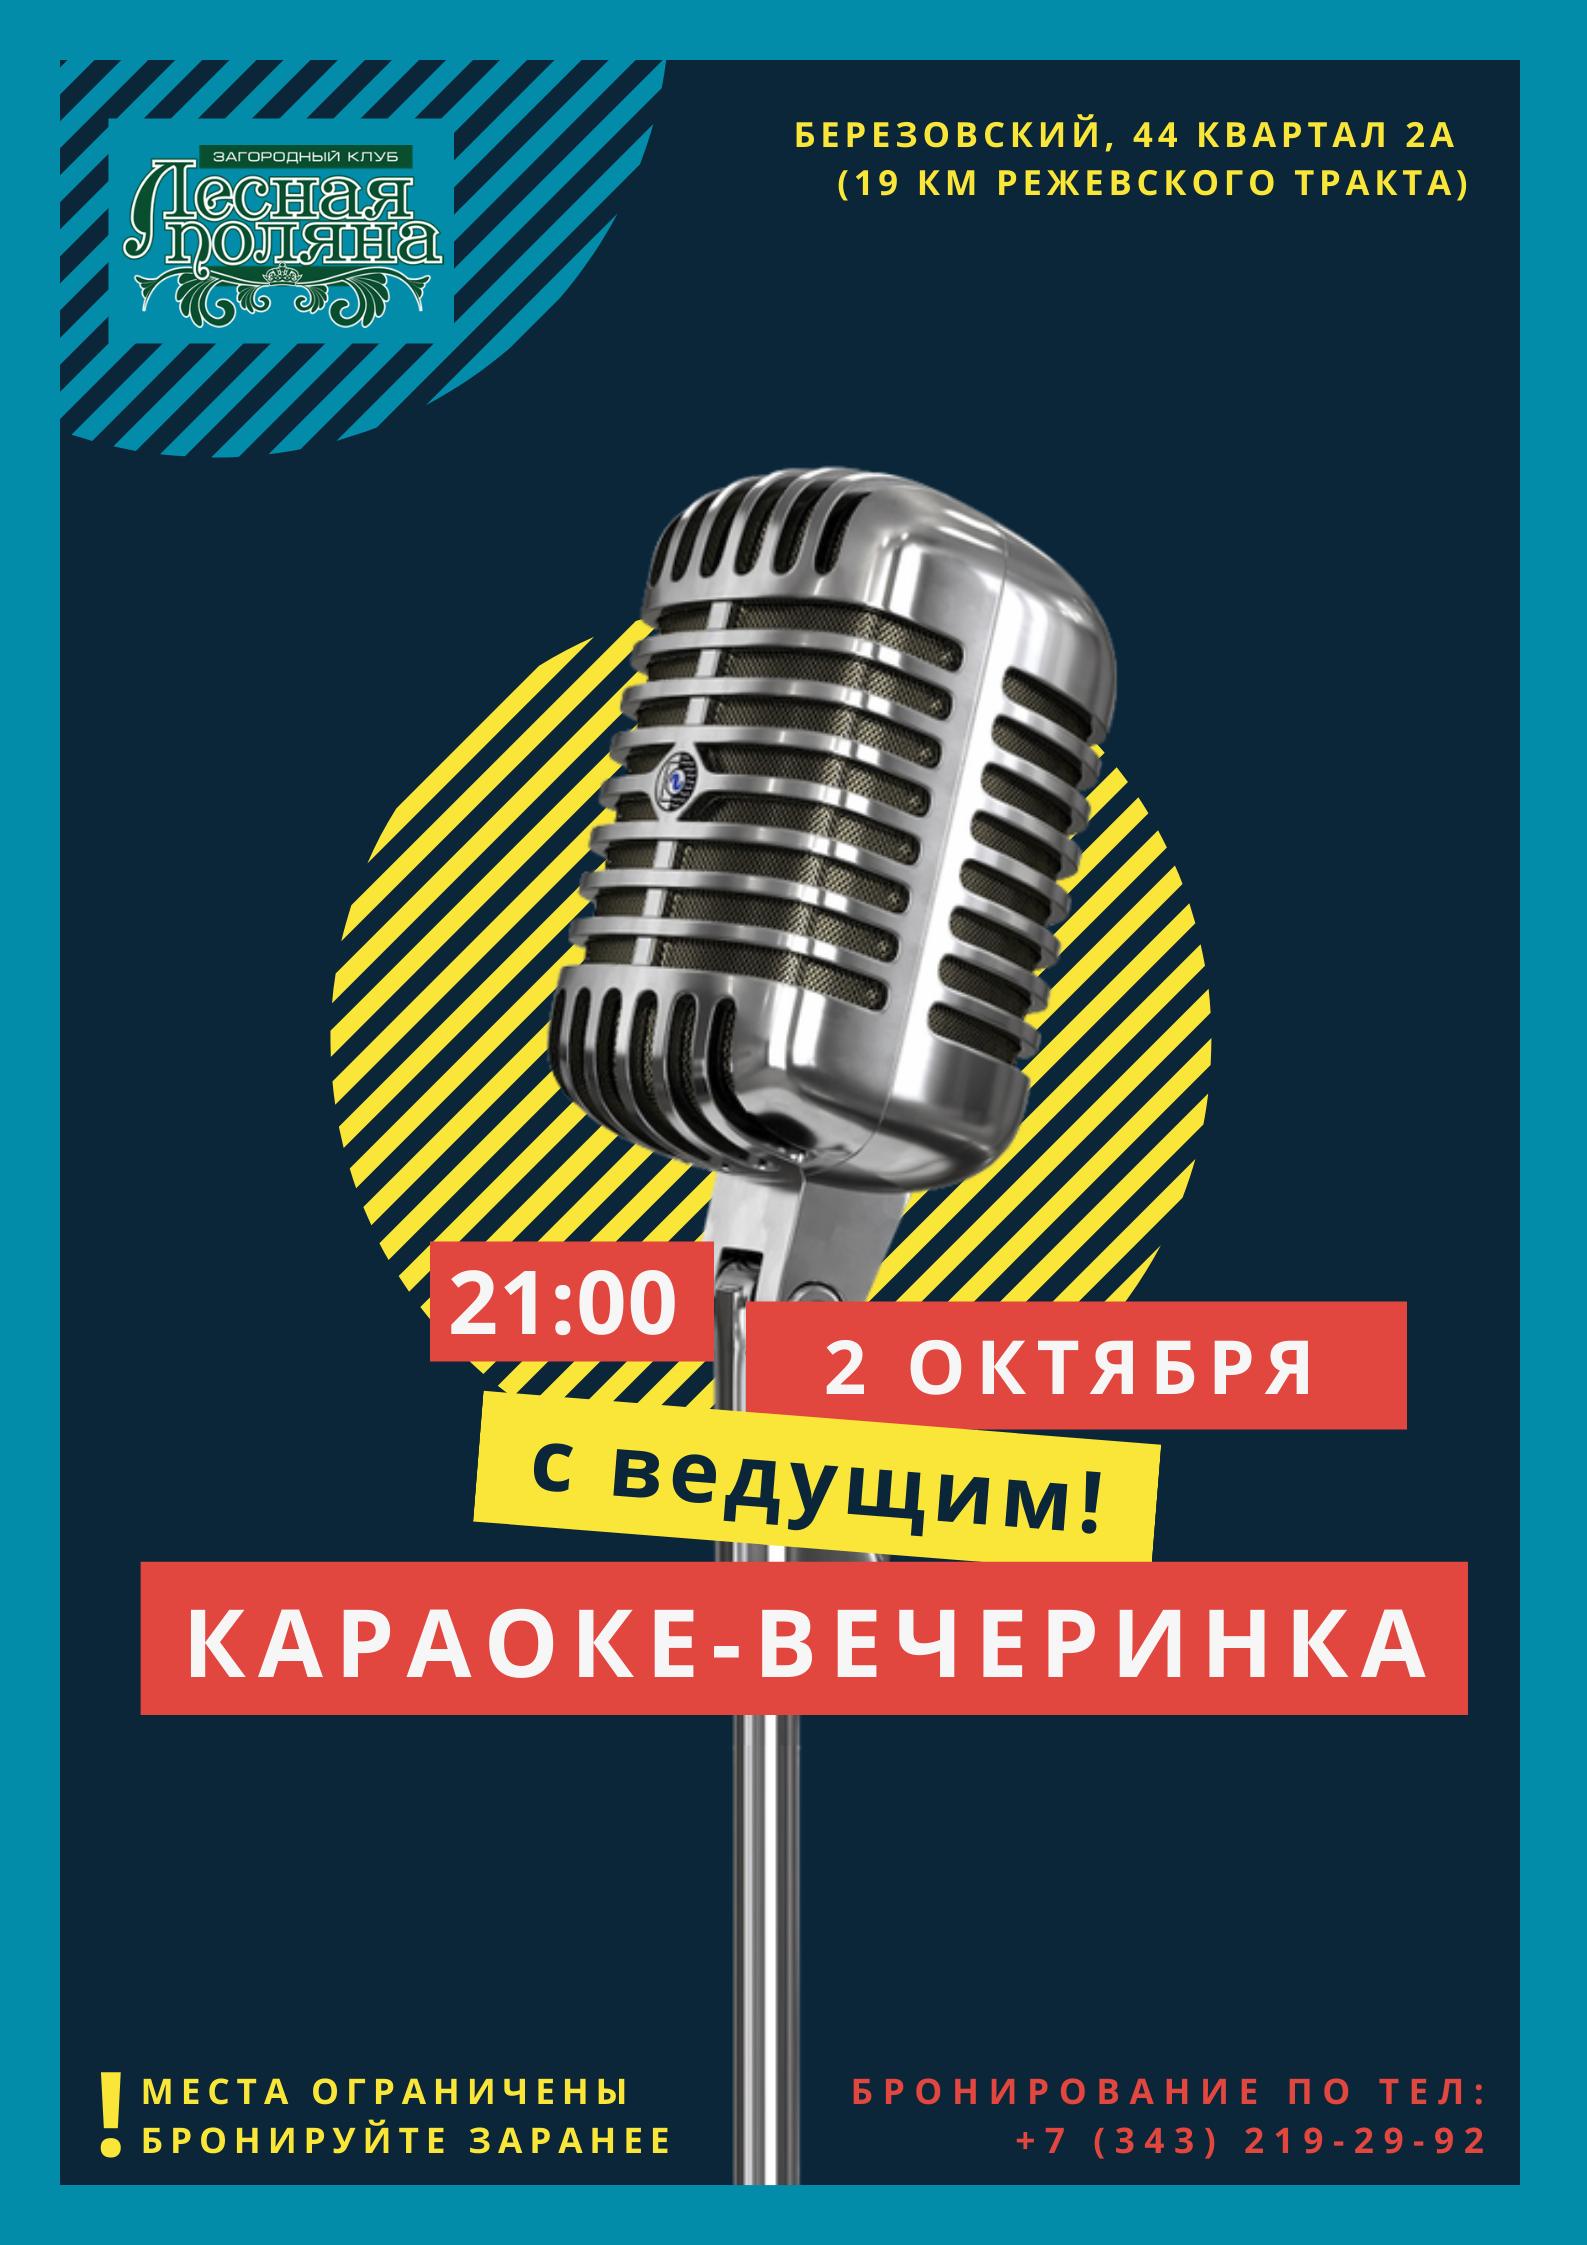 02 октября в 21:00 стартует КАРАОКЕ-ВЕЧЕРИНКА